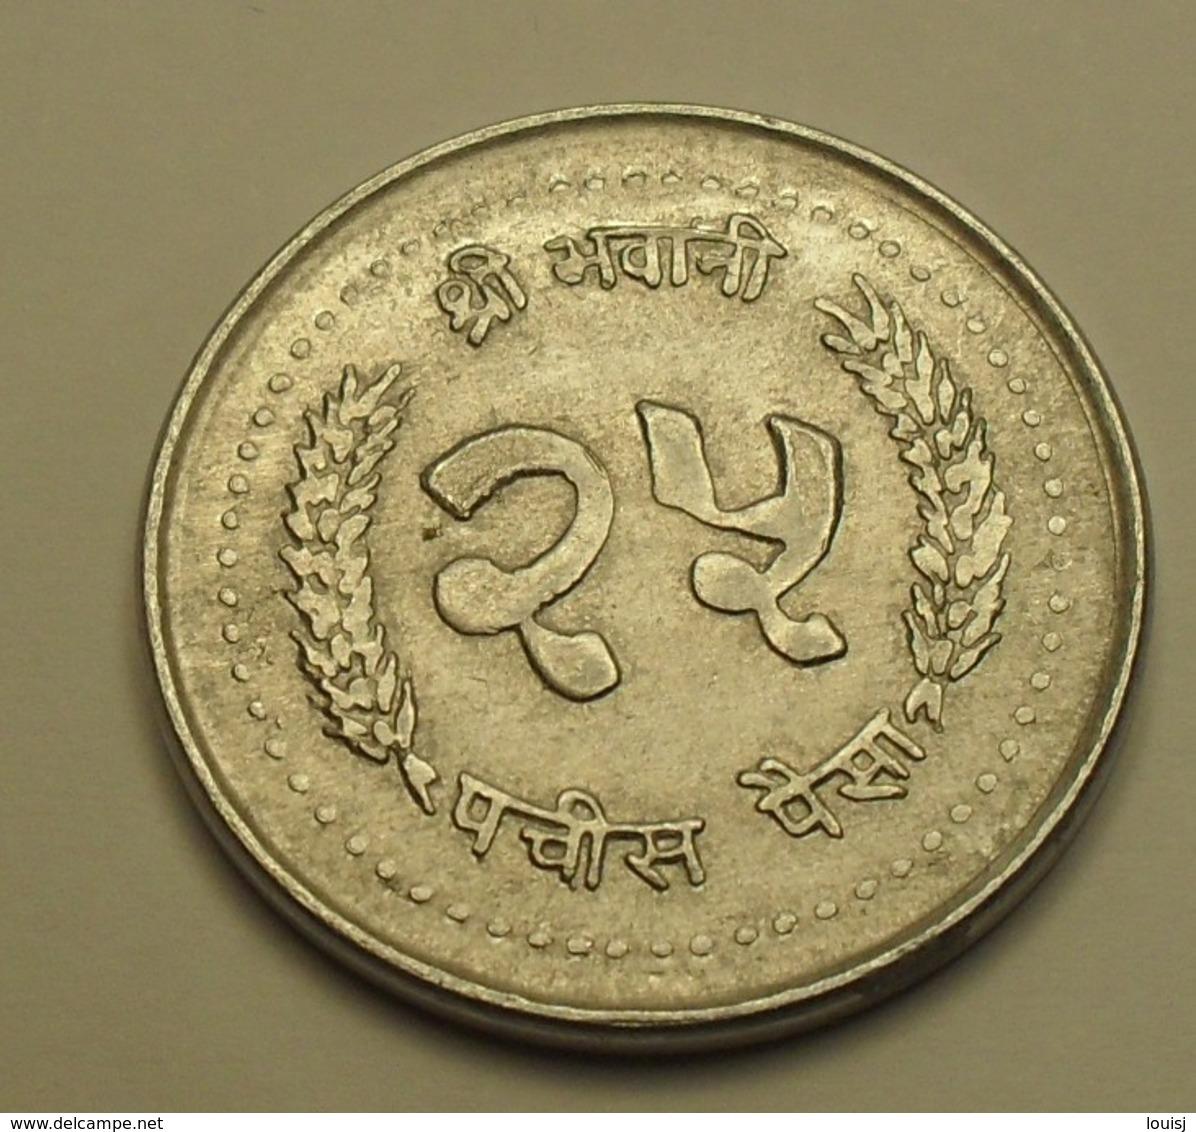 1985 - Népal - 2042 - 25 PAISA, Birendra Bir Bikram, KM 1015.1 - Népal